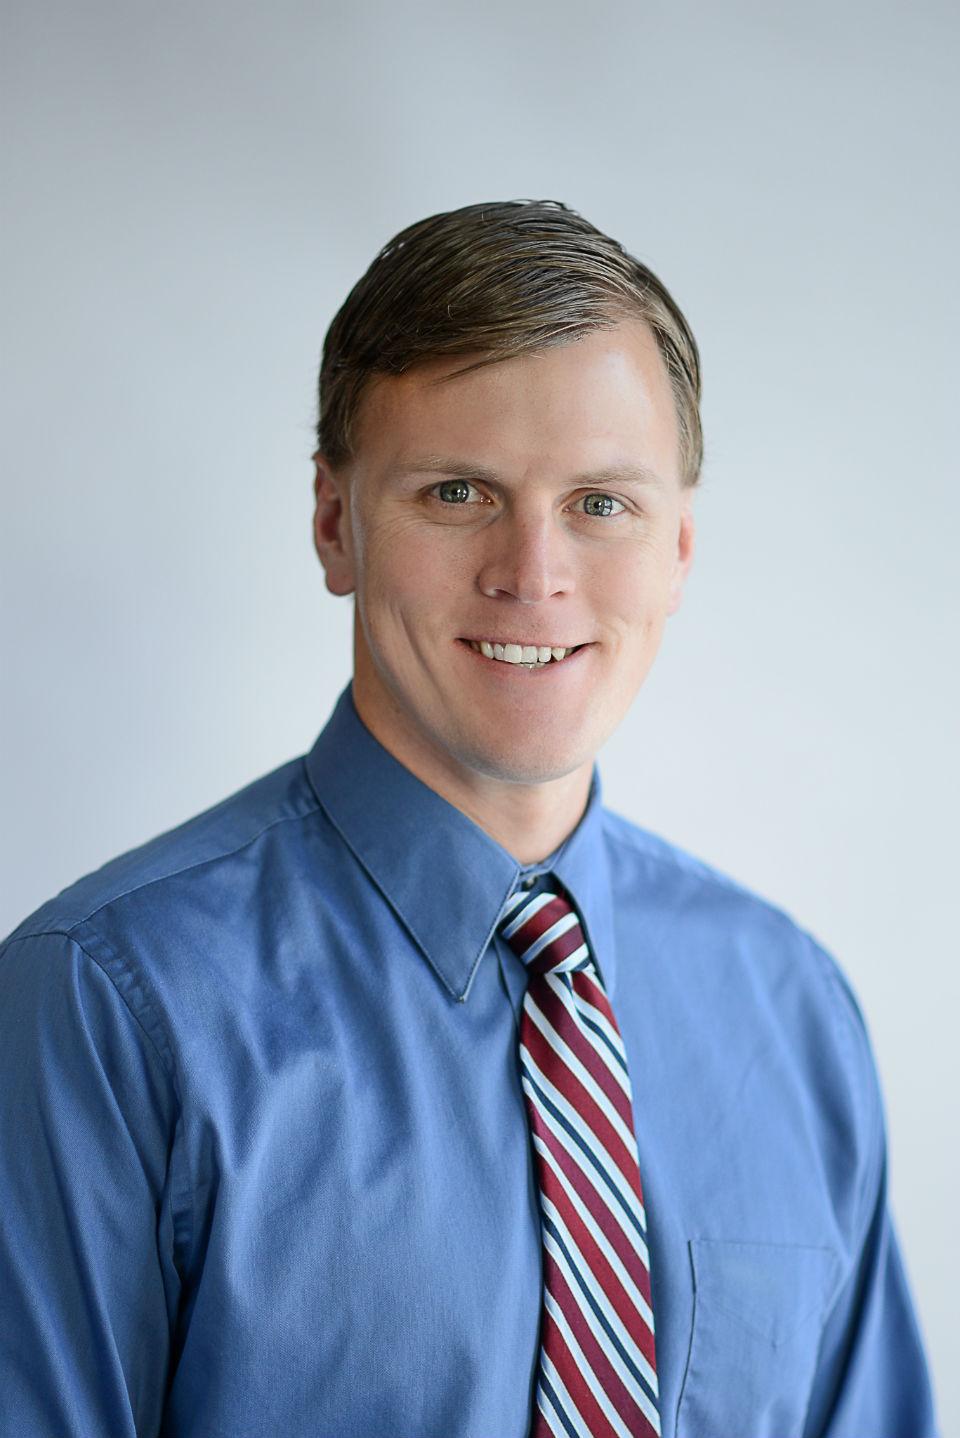 Matt Deardoff